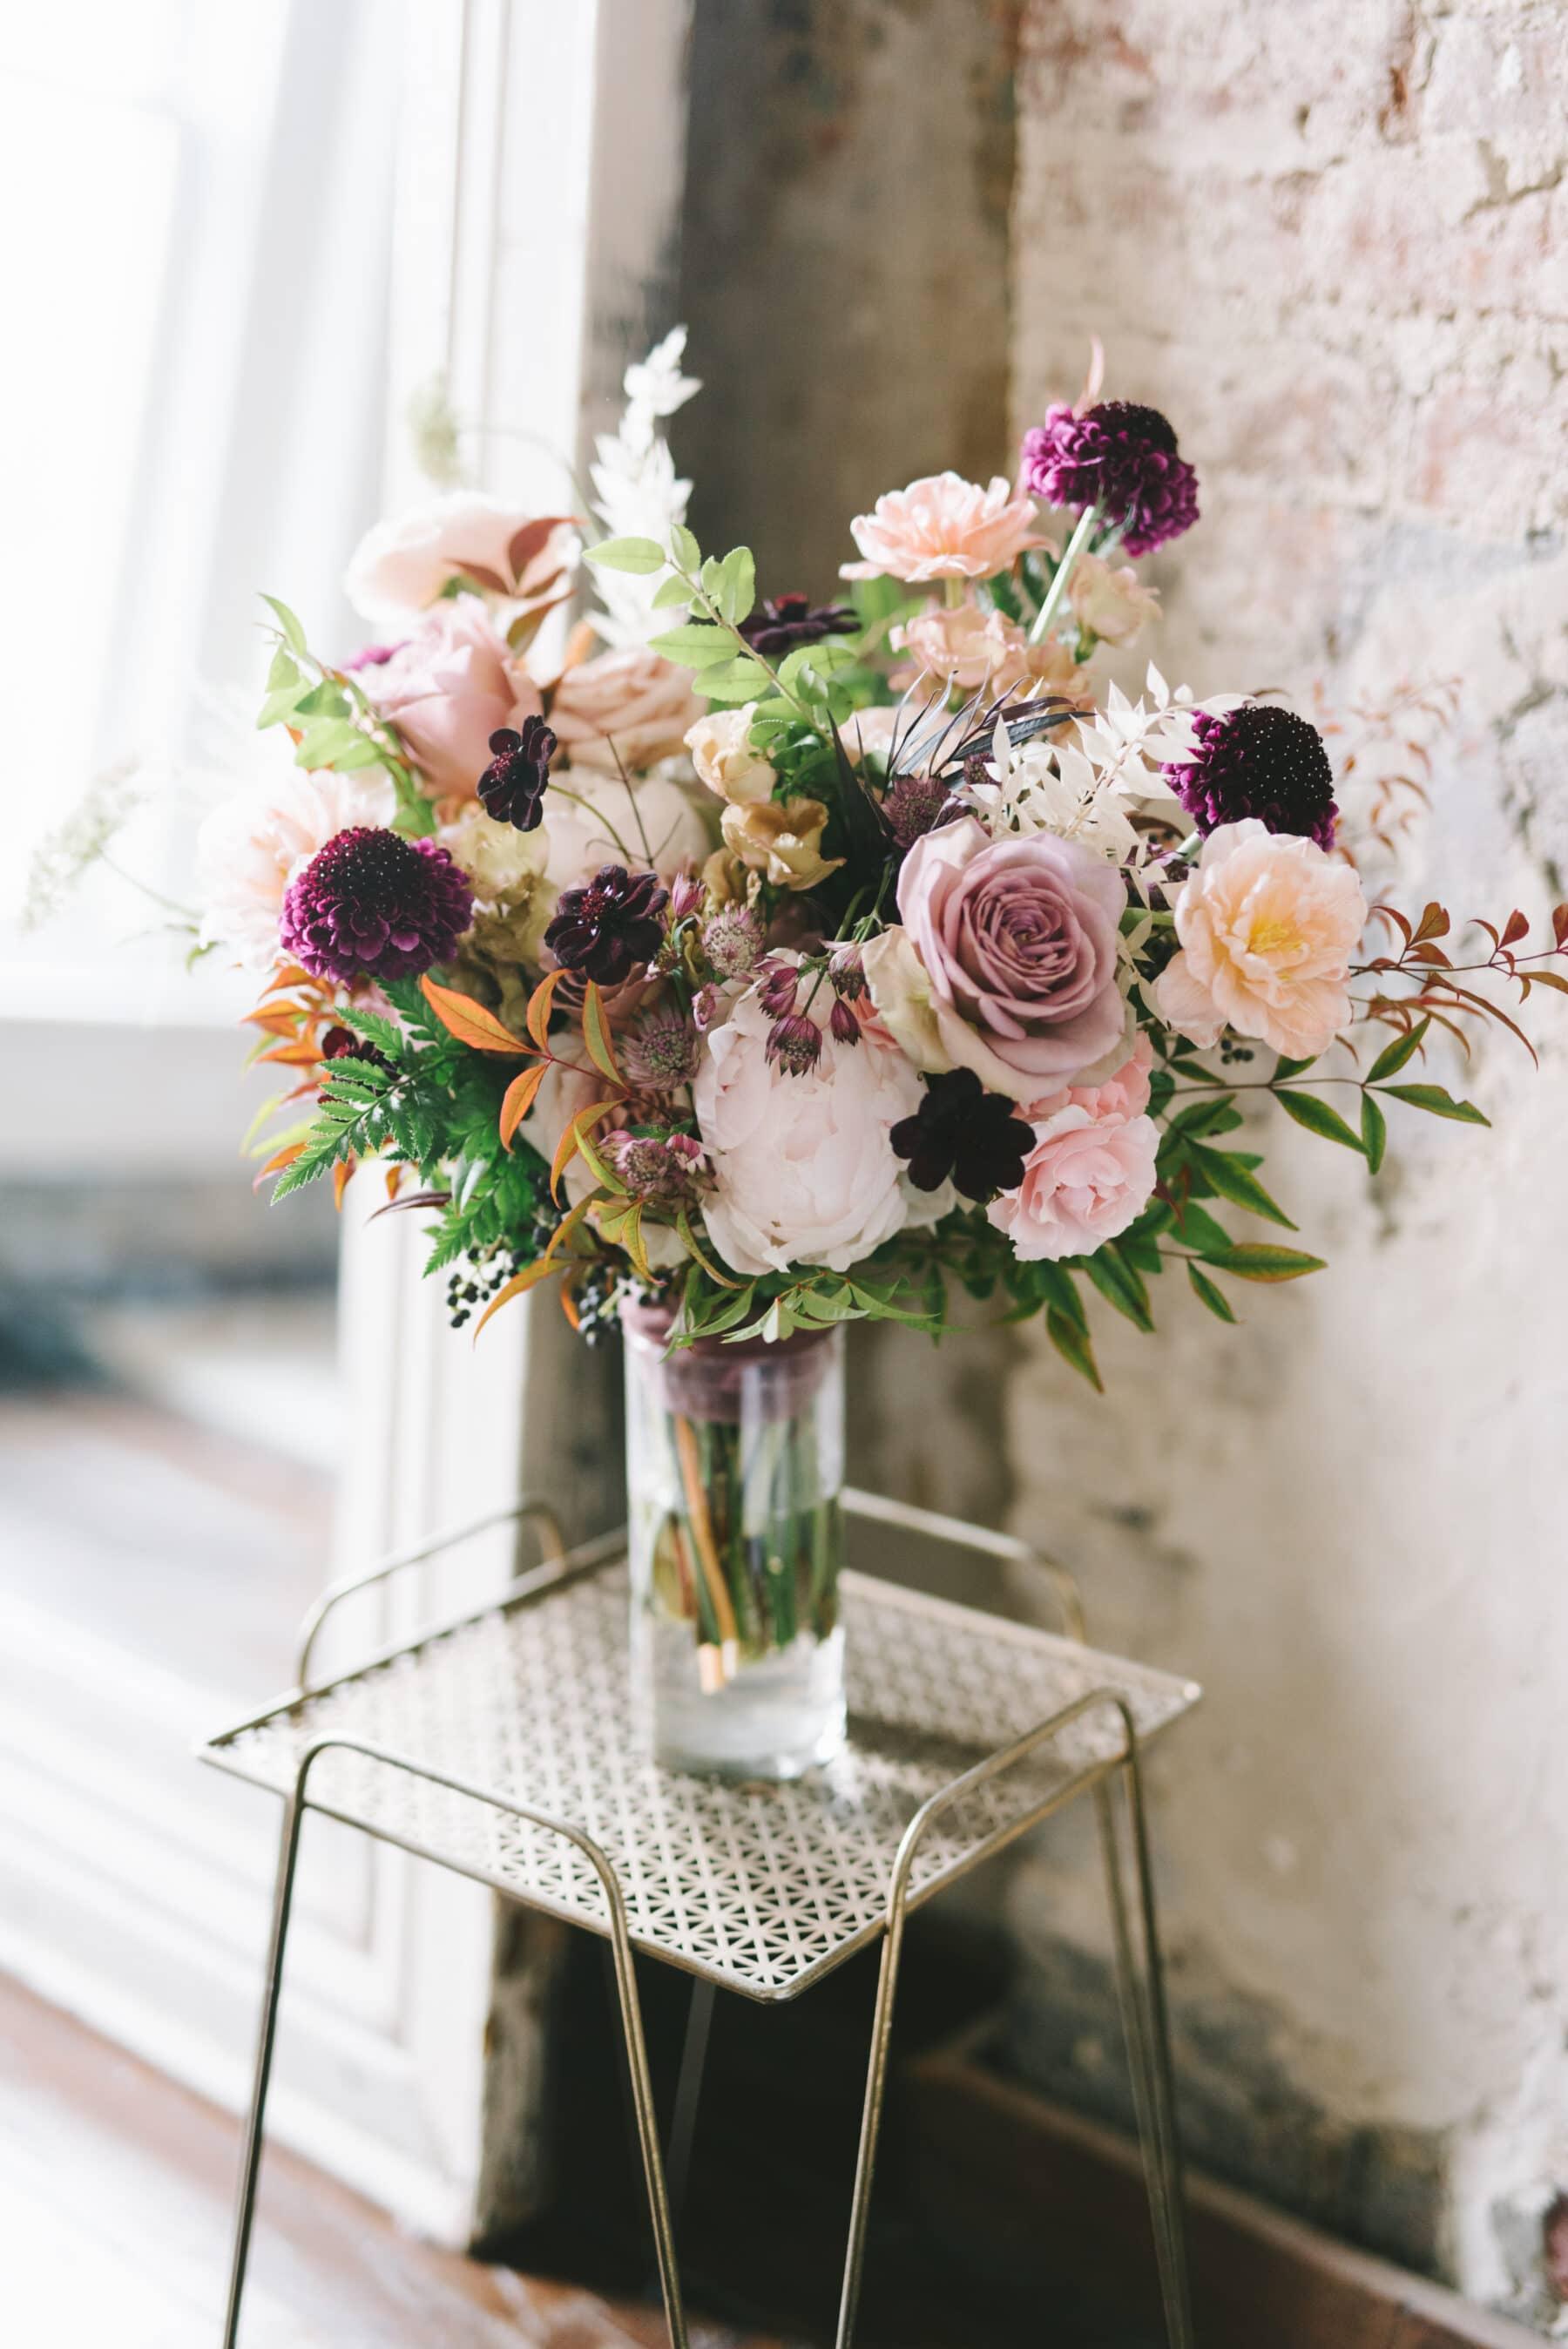 Mauve and Burgundy Wedding Bouquet   Nashville Bride Guide